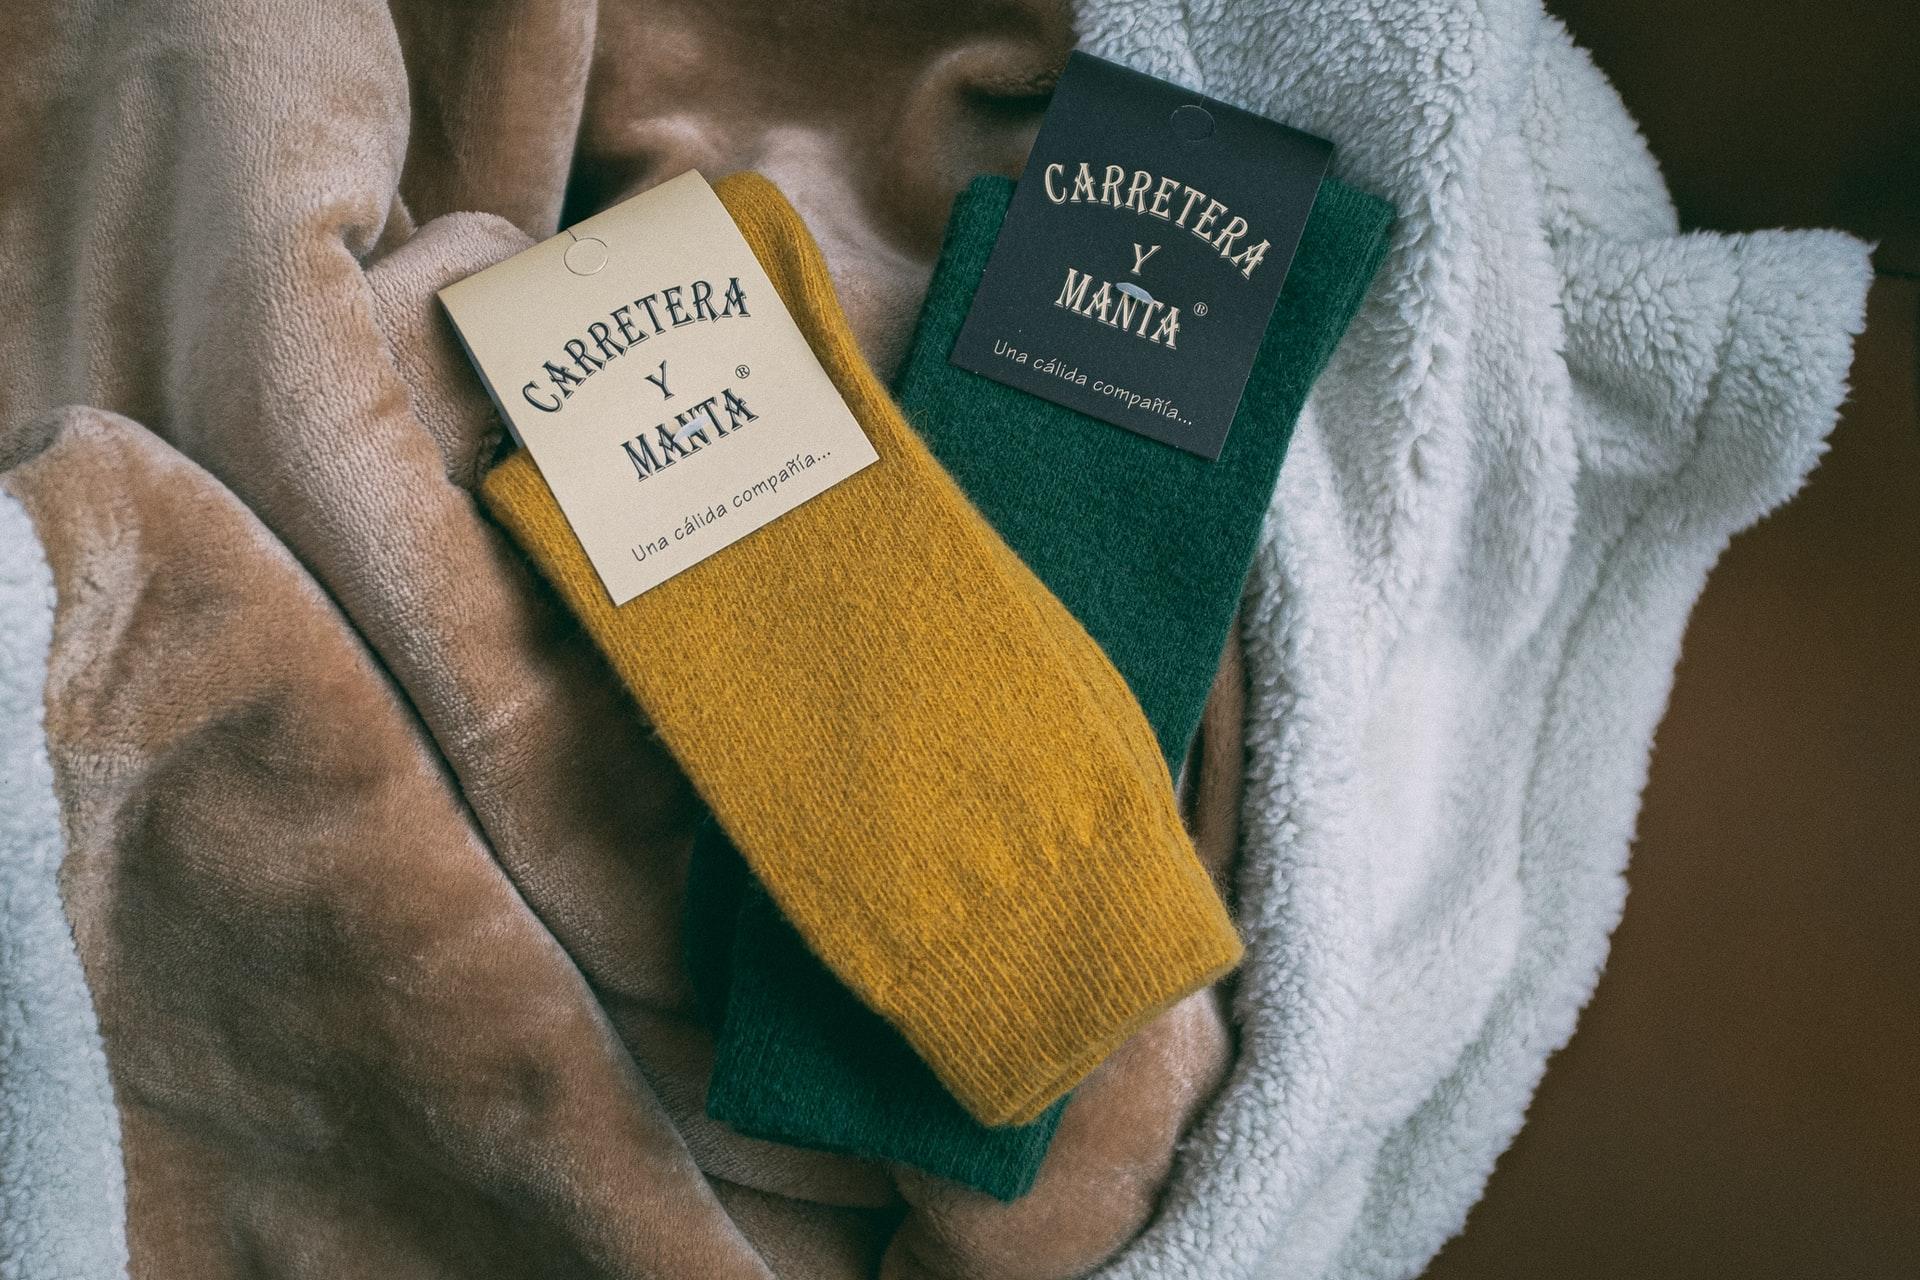 黄色と緑のオーガニックの靴下とブランケット